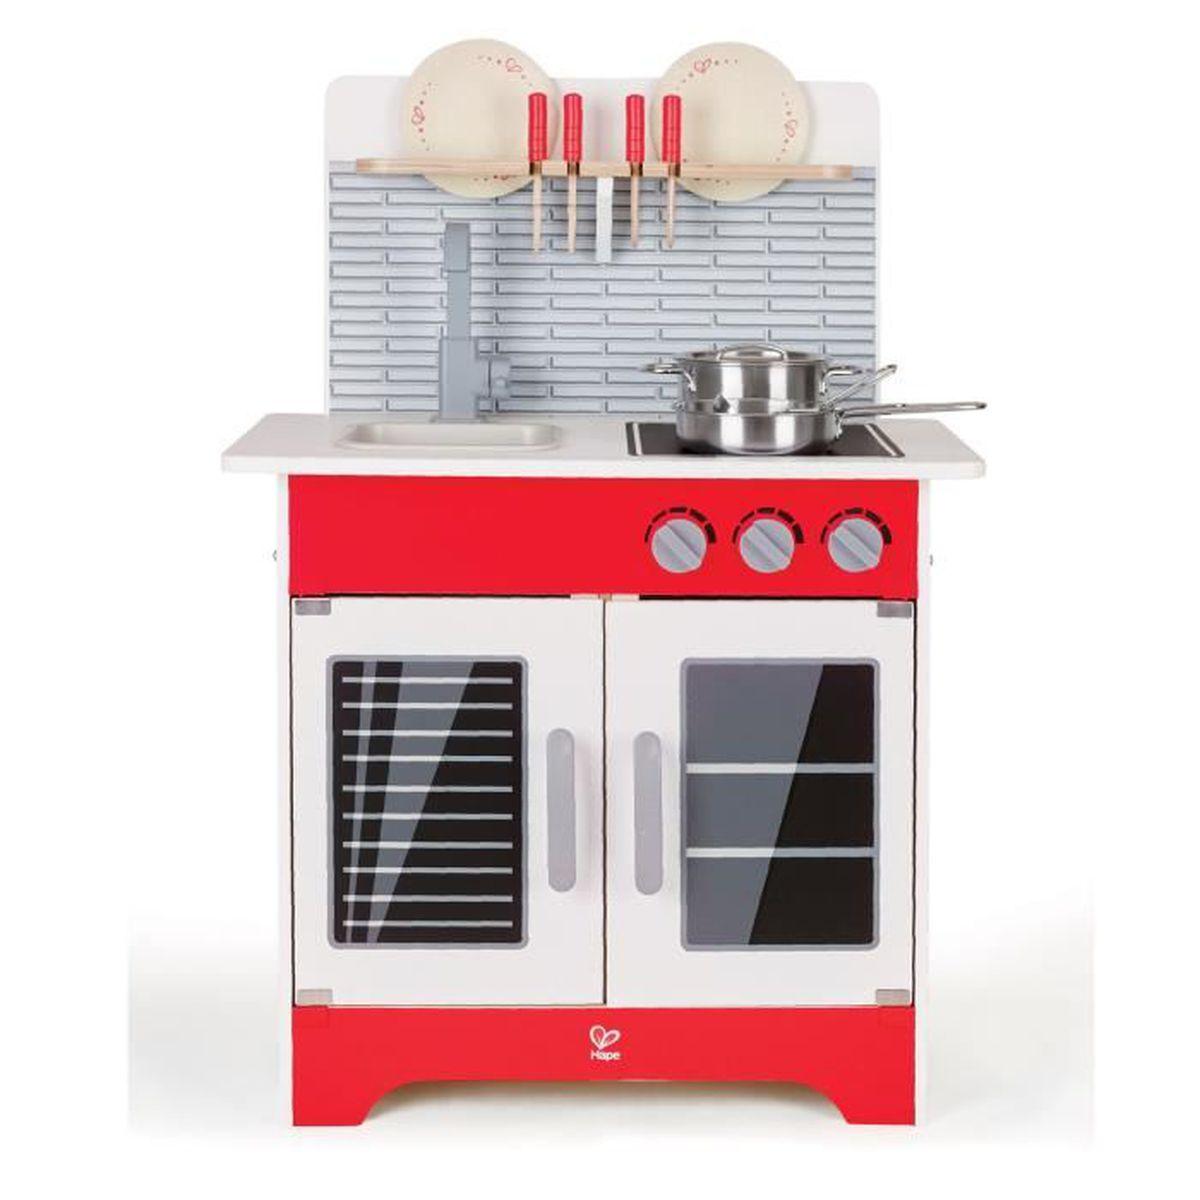 Cuisine Équipée En Bois Rouge chef cuisine équipée moderne en bois pour enfant - rouge